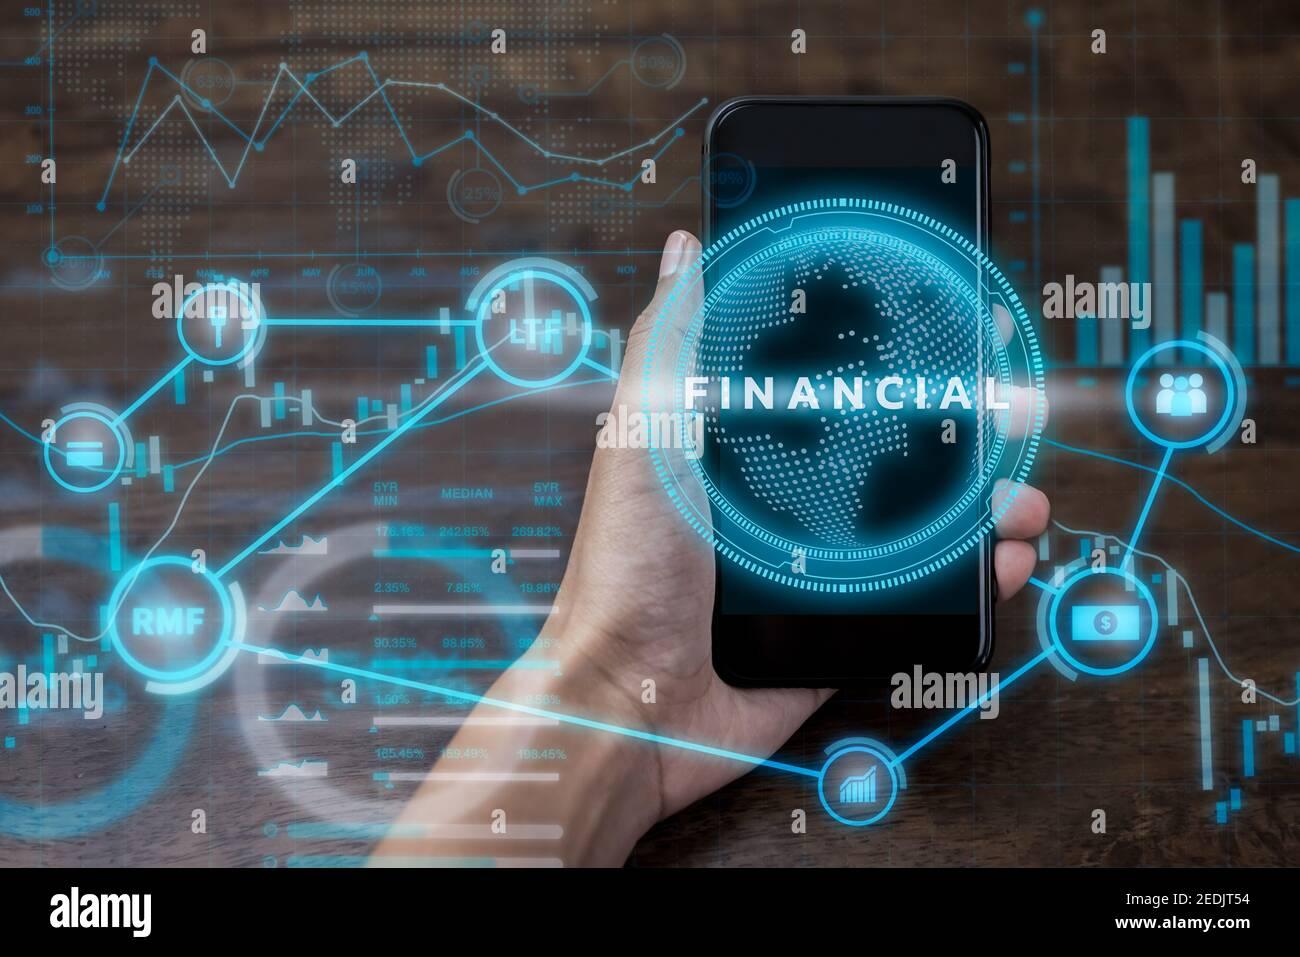 Hand hält Smartphone mit futuristischen Online-Finanz-und Investment-Technologie digitale Datenanzeige, Fintech-Konzept Stockfoto